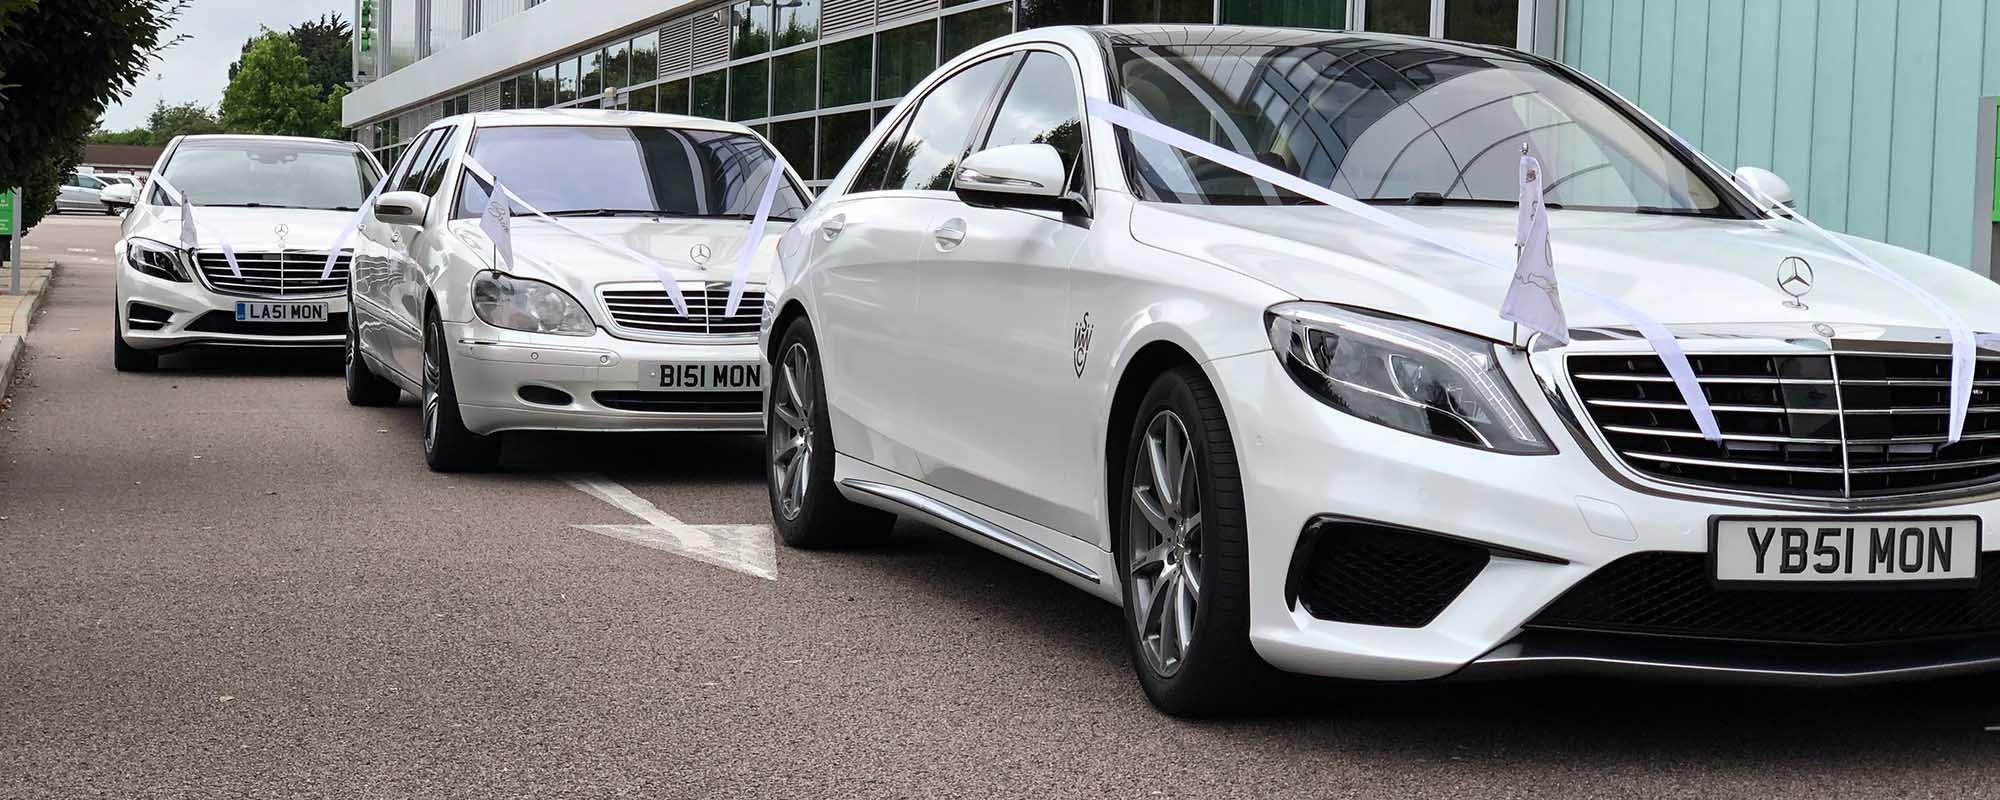 Luxury wedding car services, Wedding car hire? or Wedding car service?, Simons White Wedding Cars